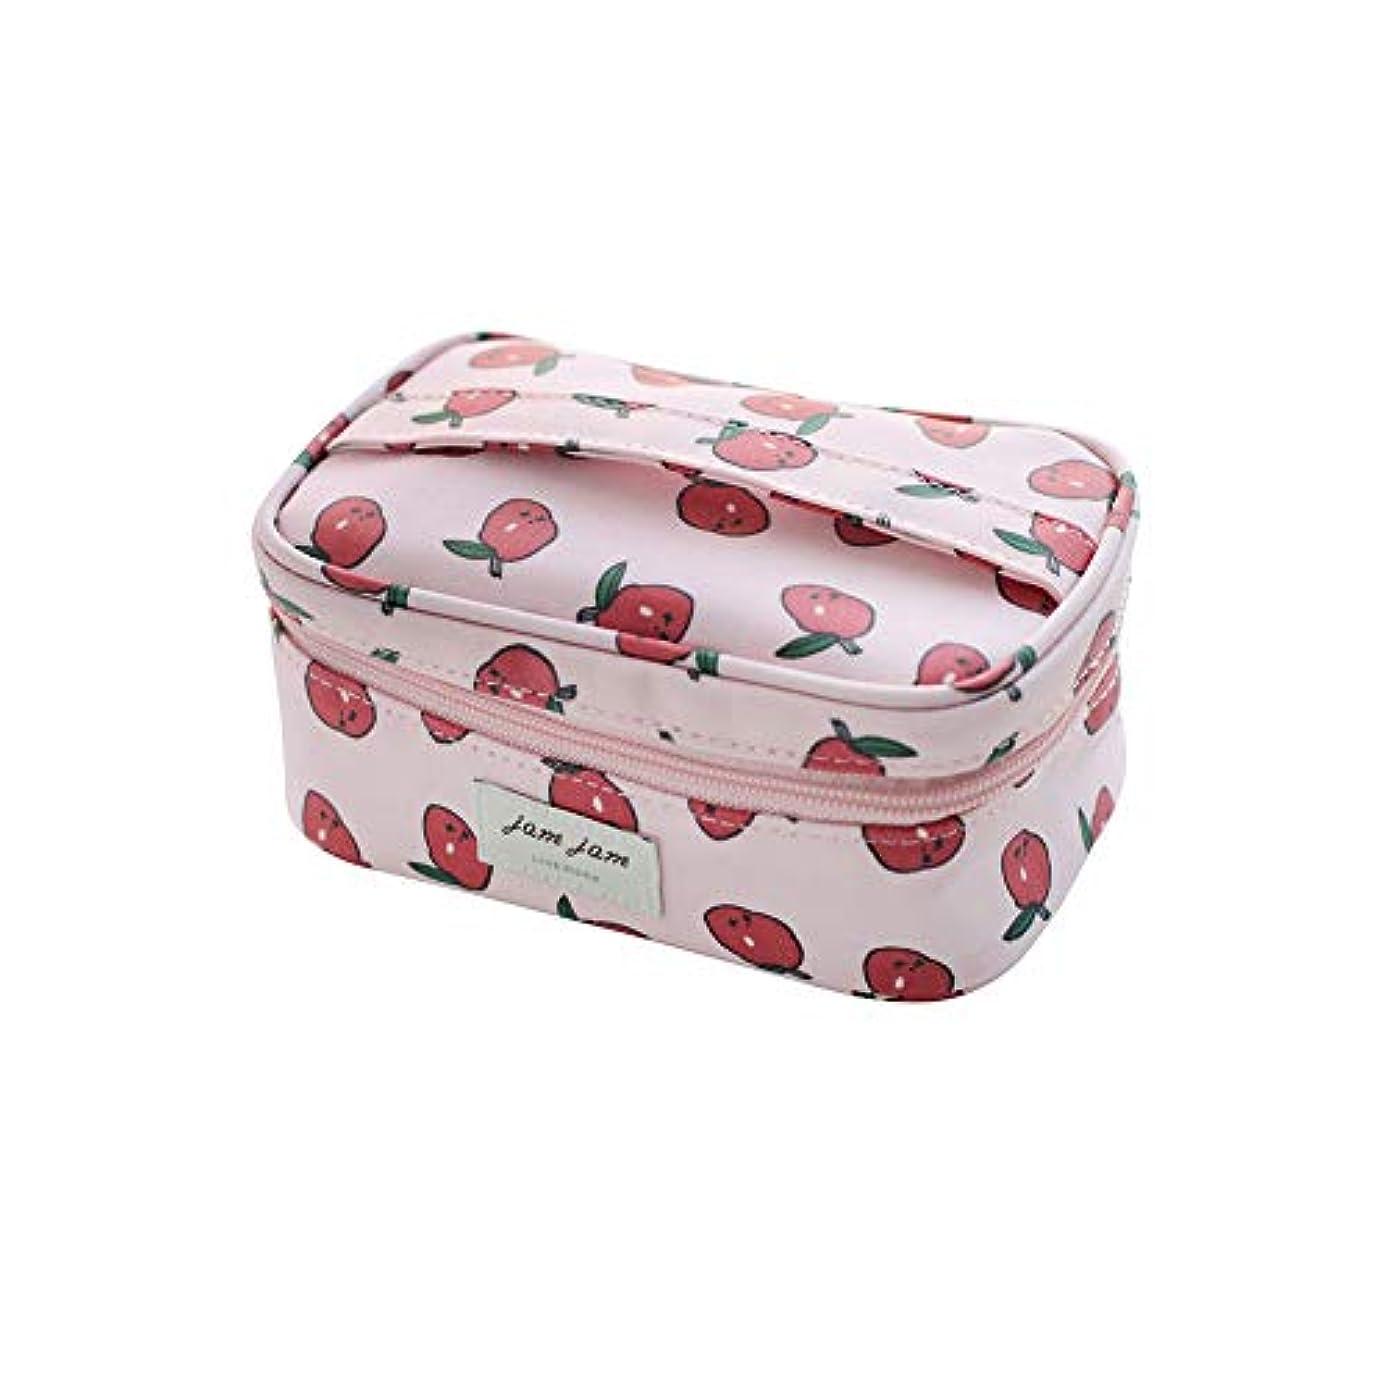 不当無礼に頭痛[LIVEWORK] JAM JAM makeup pouch (camellia flower) ジェムジェムメイクポーチ(カメリアフラワー) ブラッシュ メイクアップ ポーチ ピンク